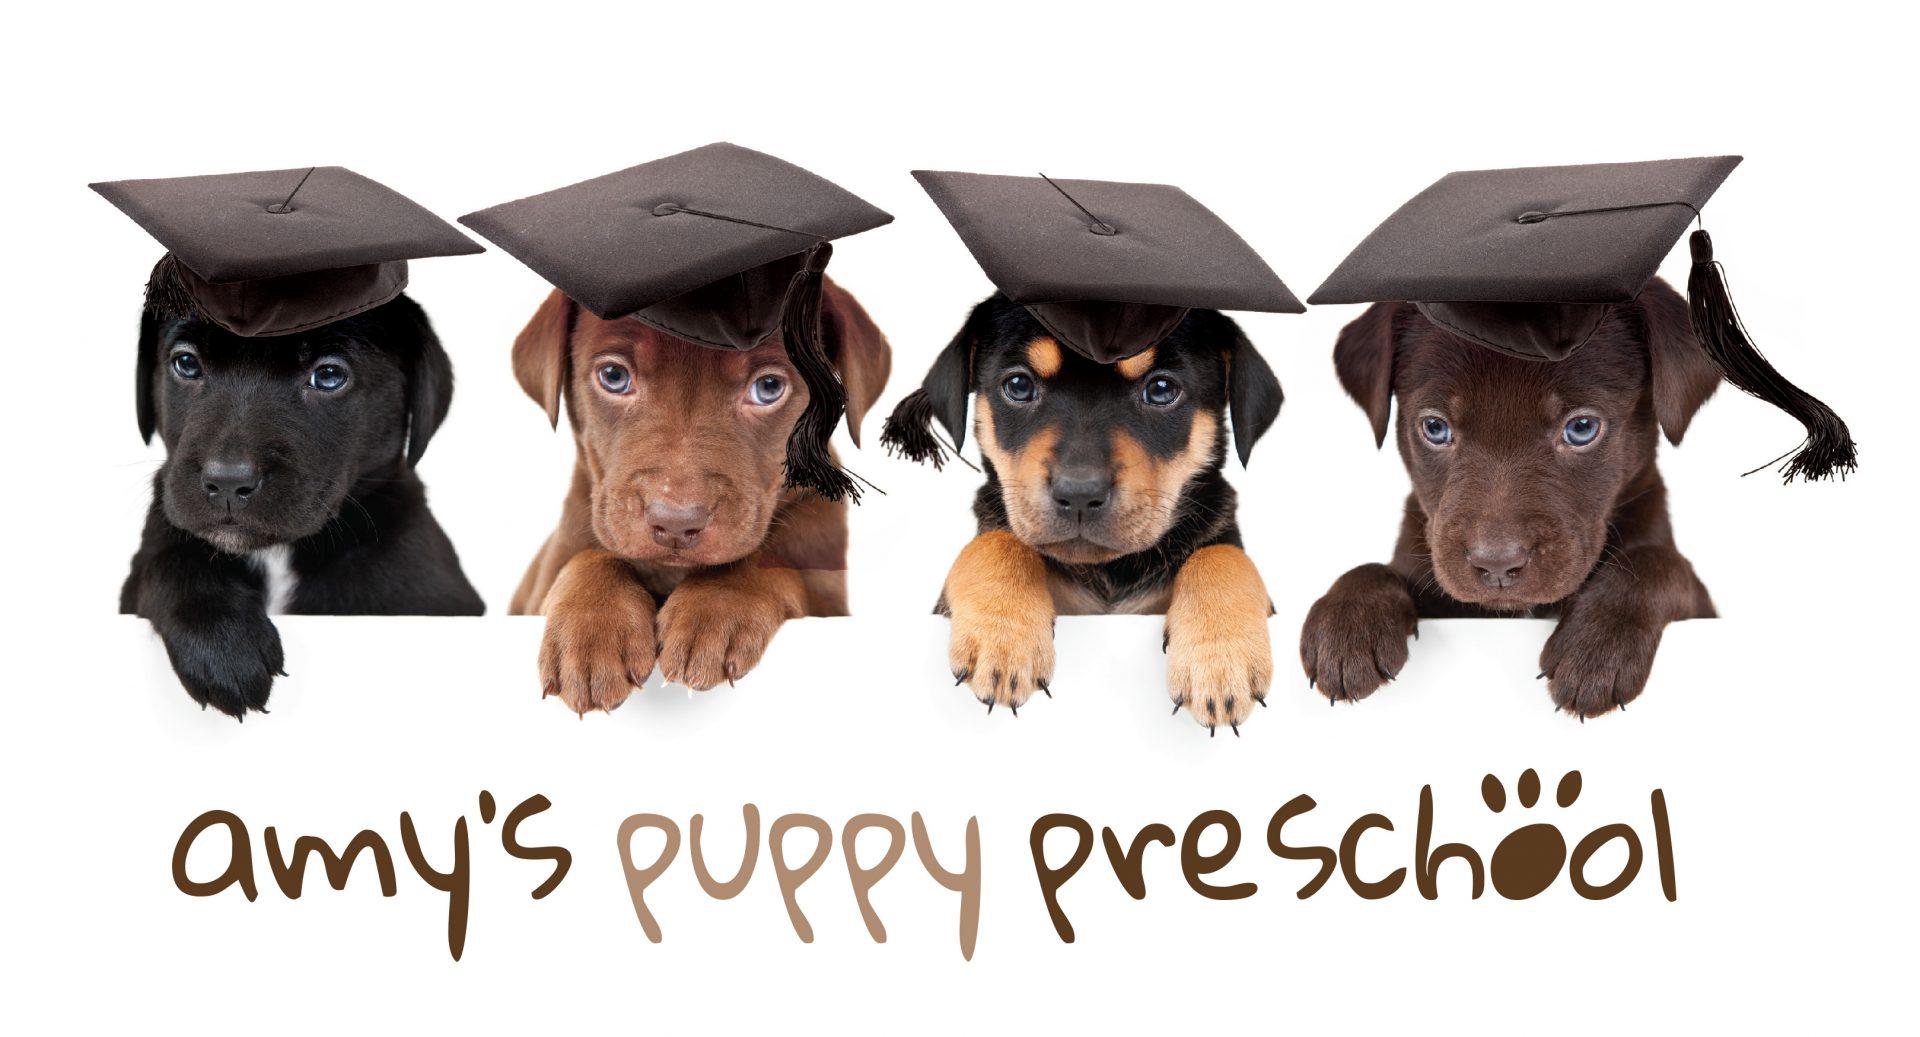 Amy's Puppy Pre School